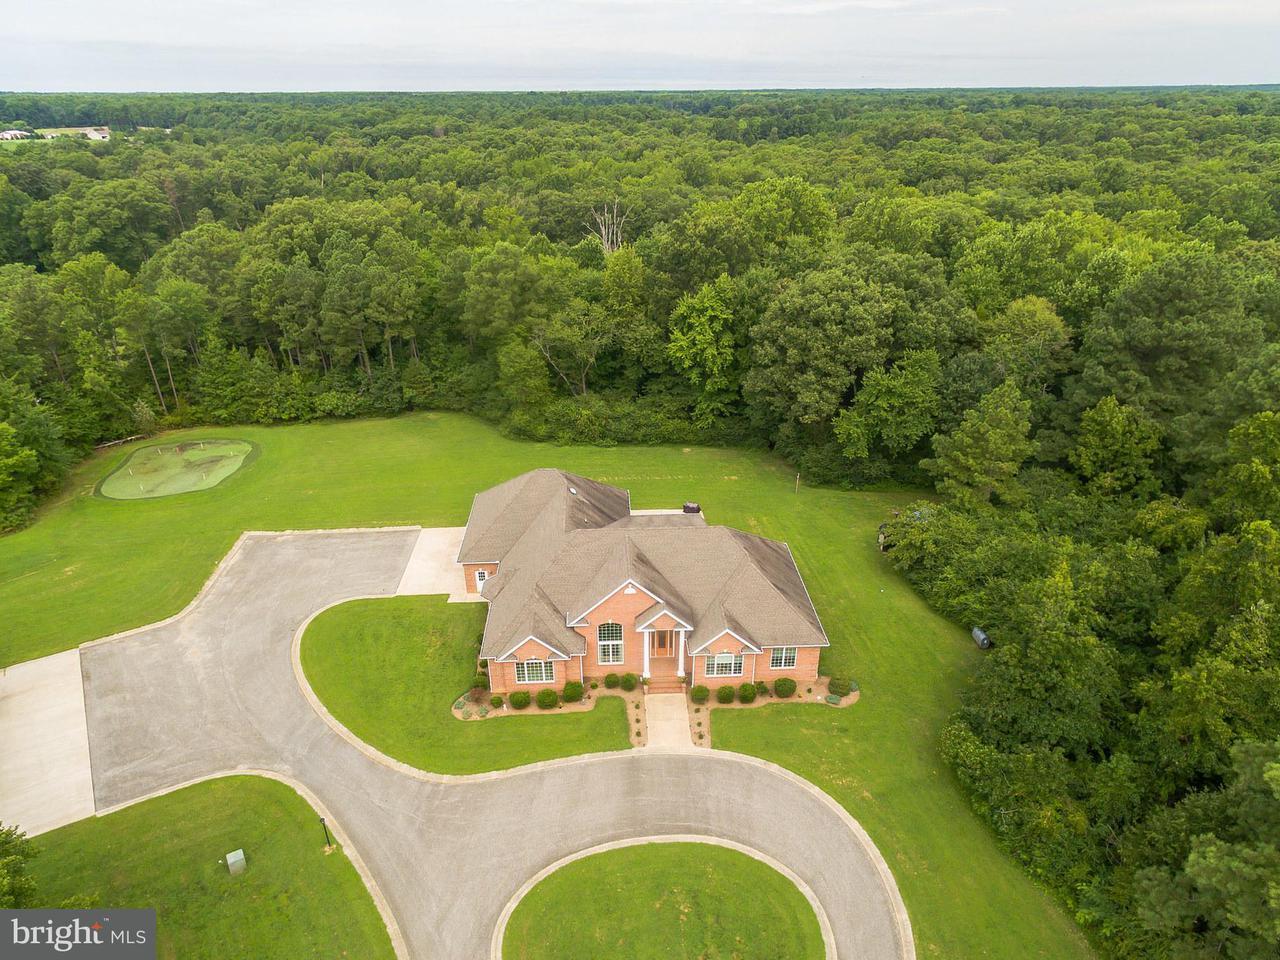 Maison unifamiliale pour l Vente à 20460 Piney Point Road 20460 Piney Point Road Callaway, Maryland 20620 États-Unis